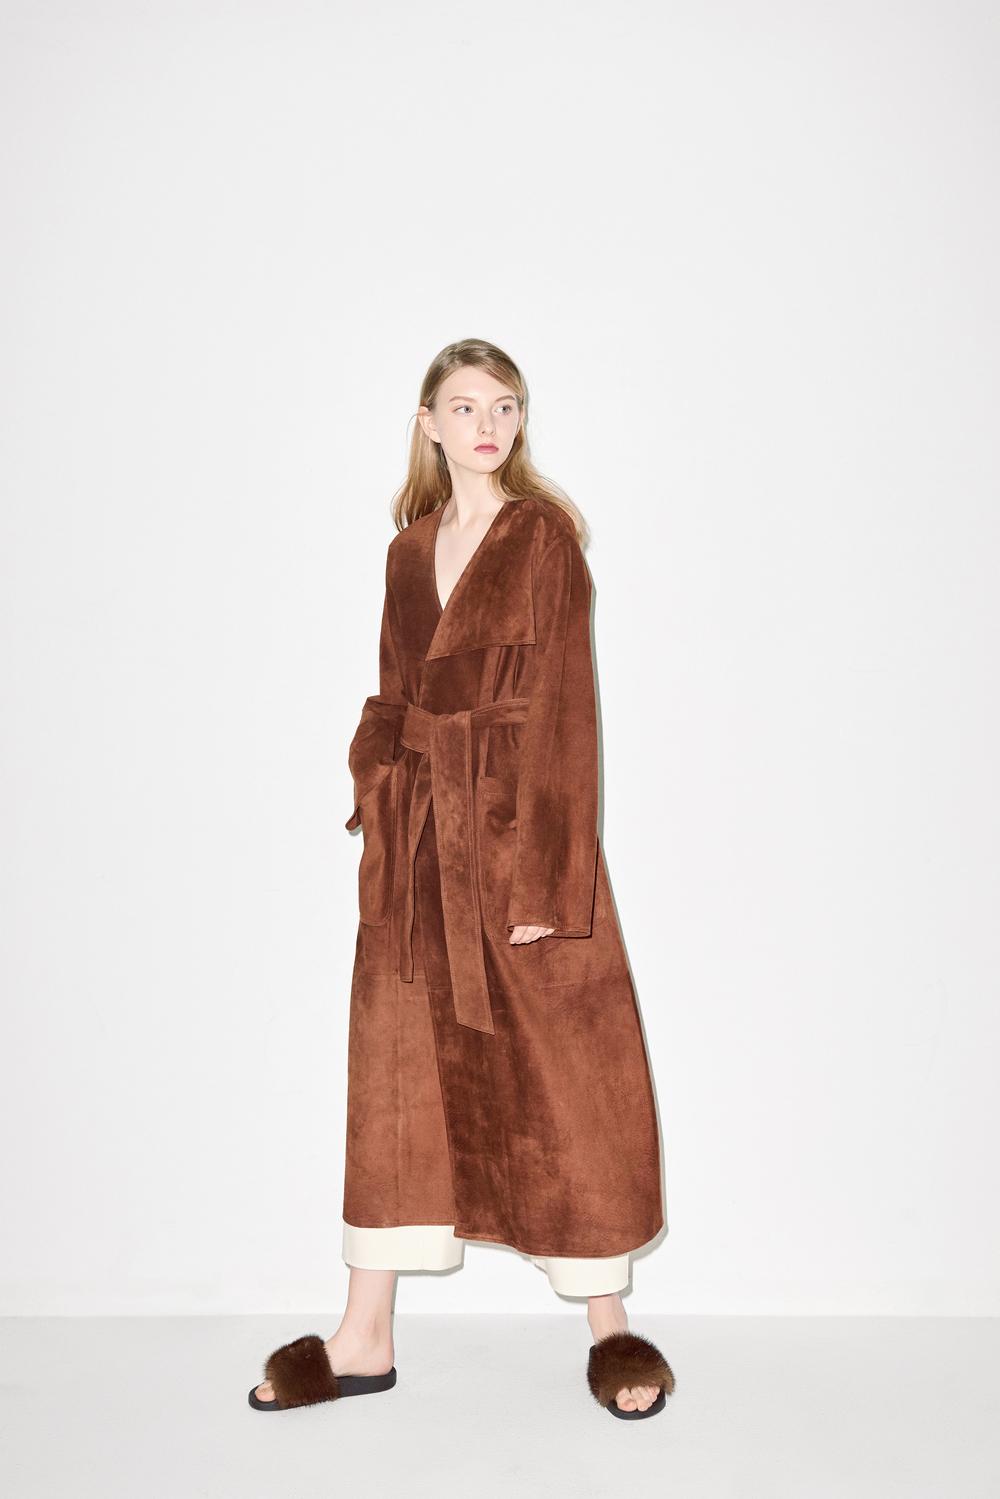 C01. Brown suede coat